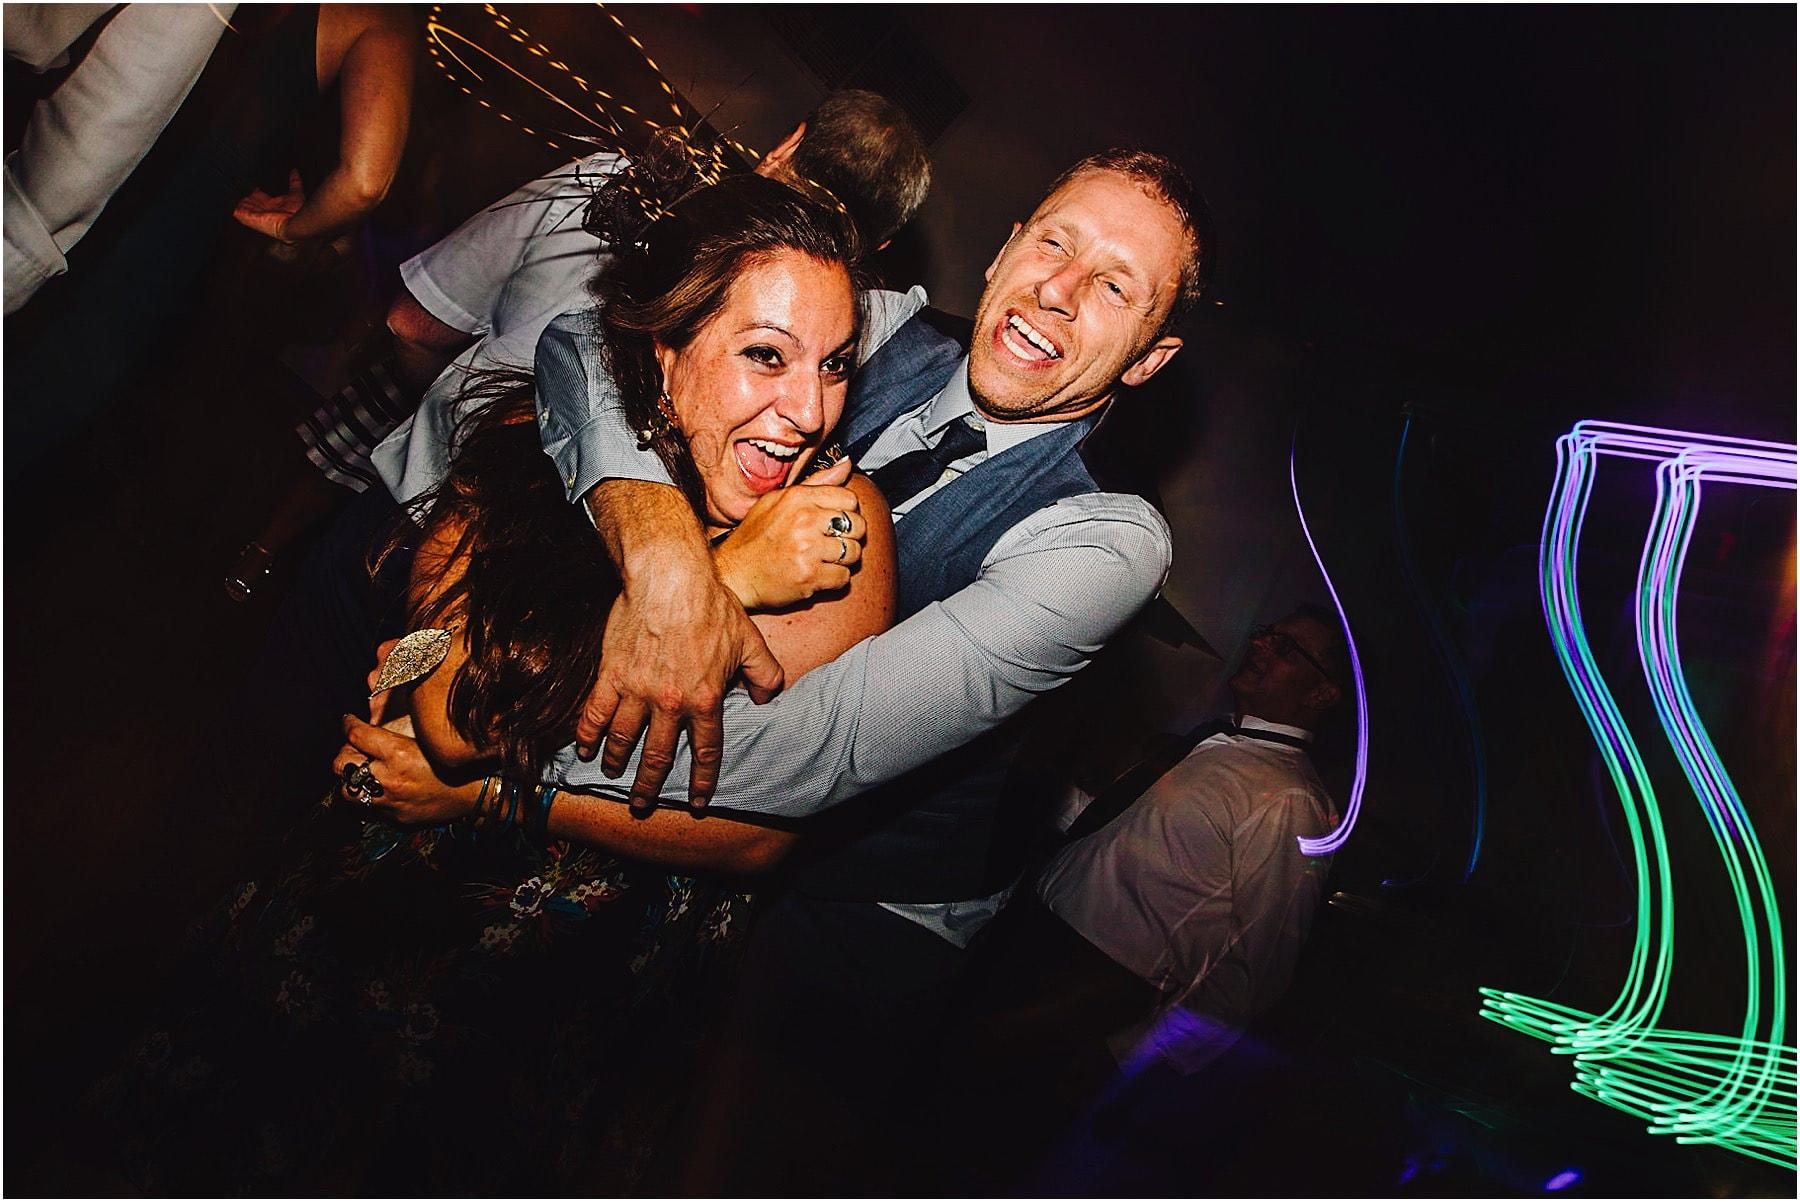 crazy dance floor picture